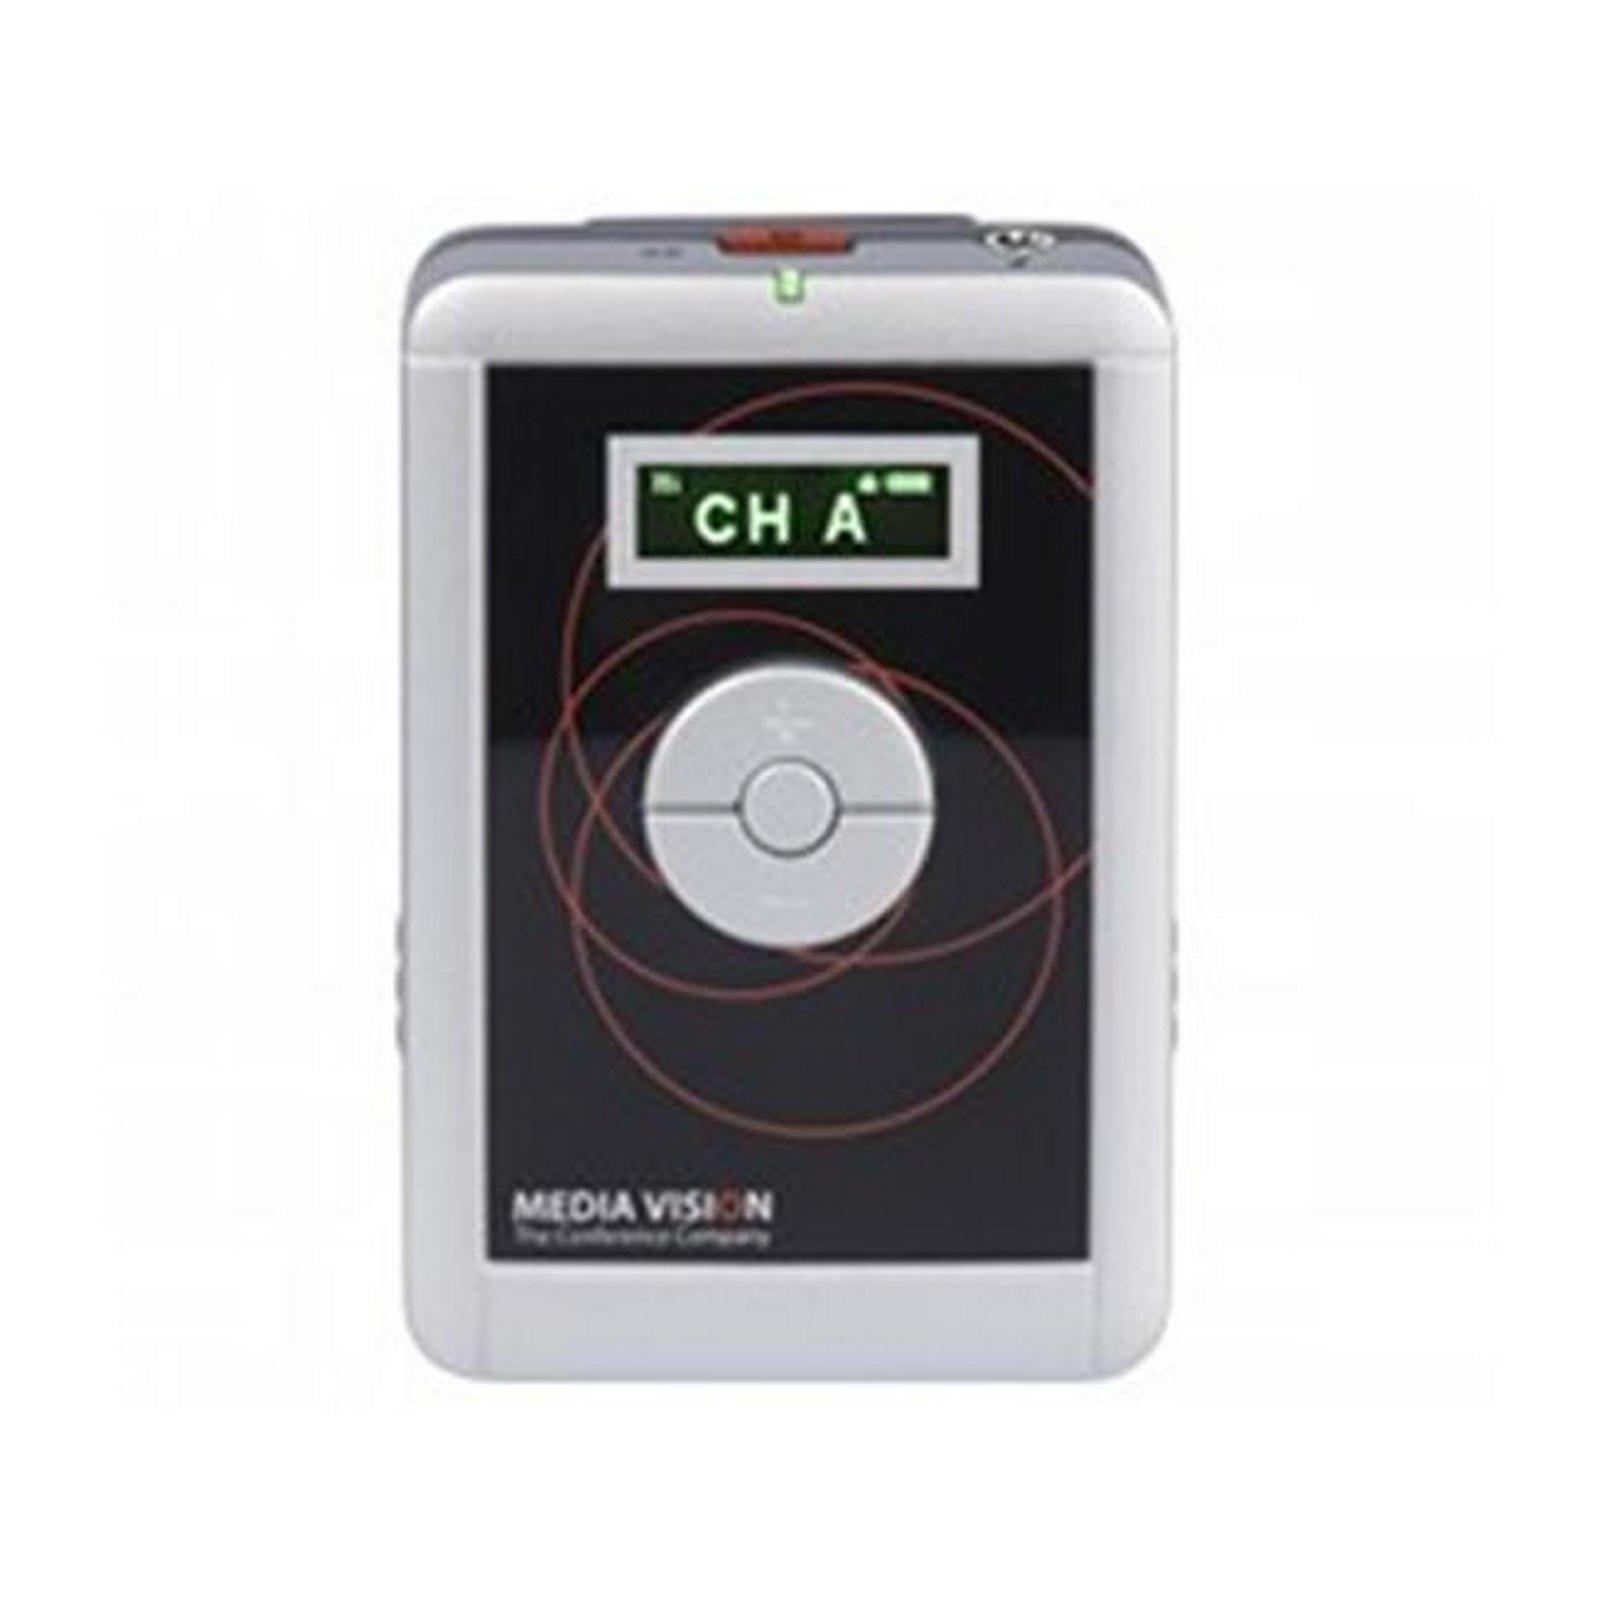 Media Vision MV-ALS-PTFM | 57 Channel Portable Transmitter